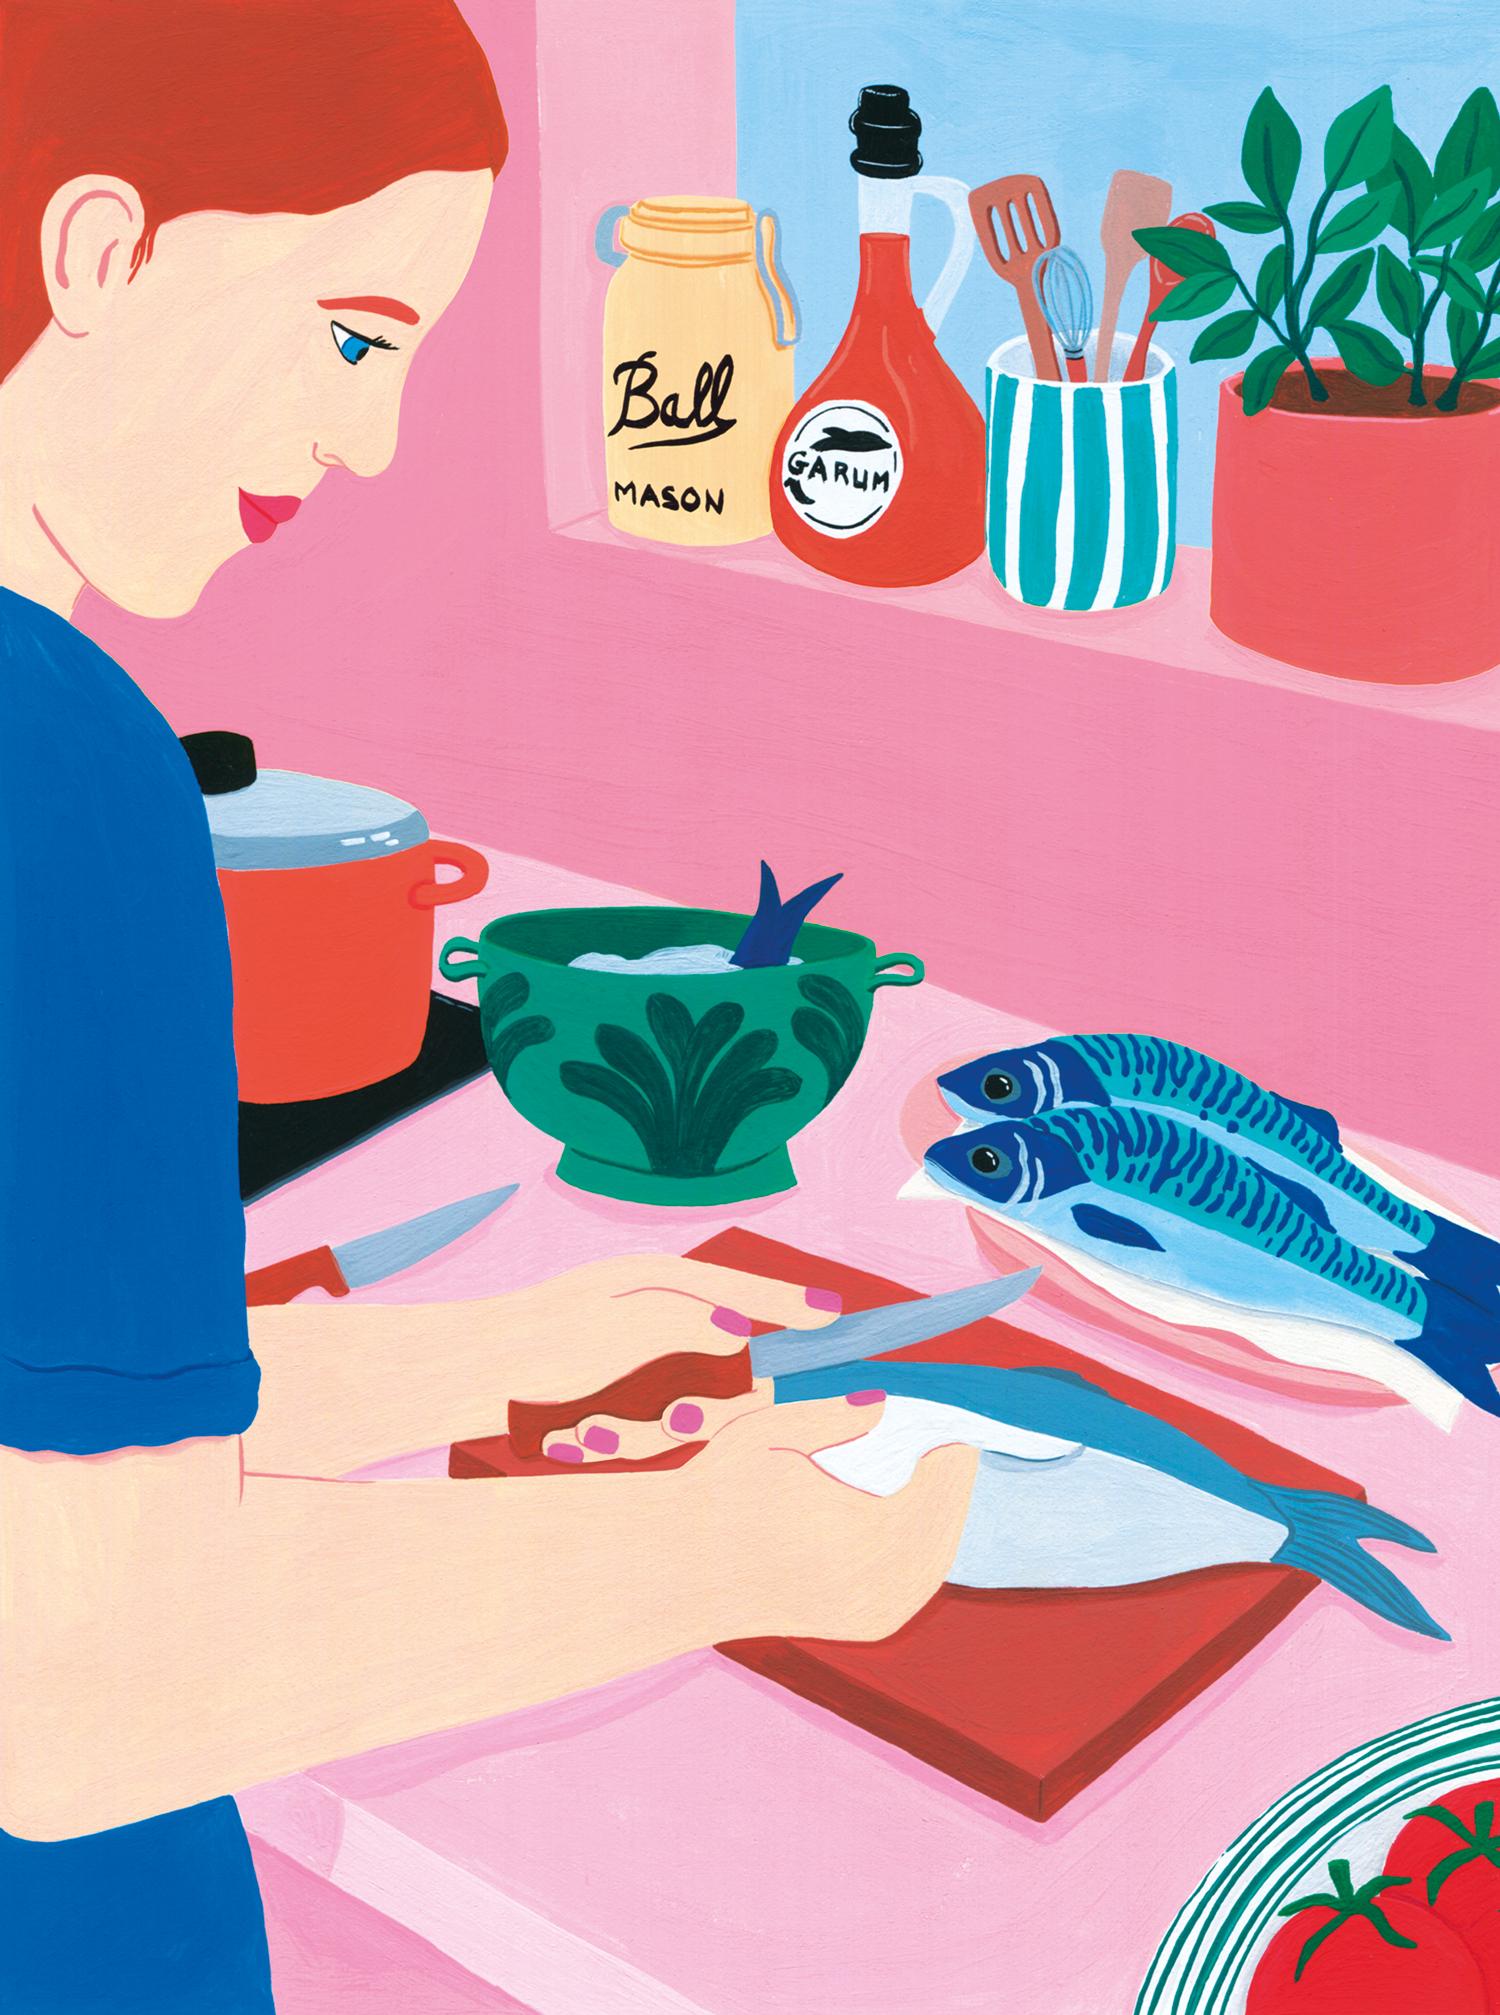 Marie-pellet-illustrations-portfolio-gouache-cuisine-chef-poisson-repas-projet-personnel